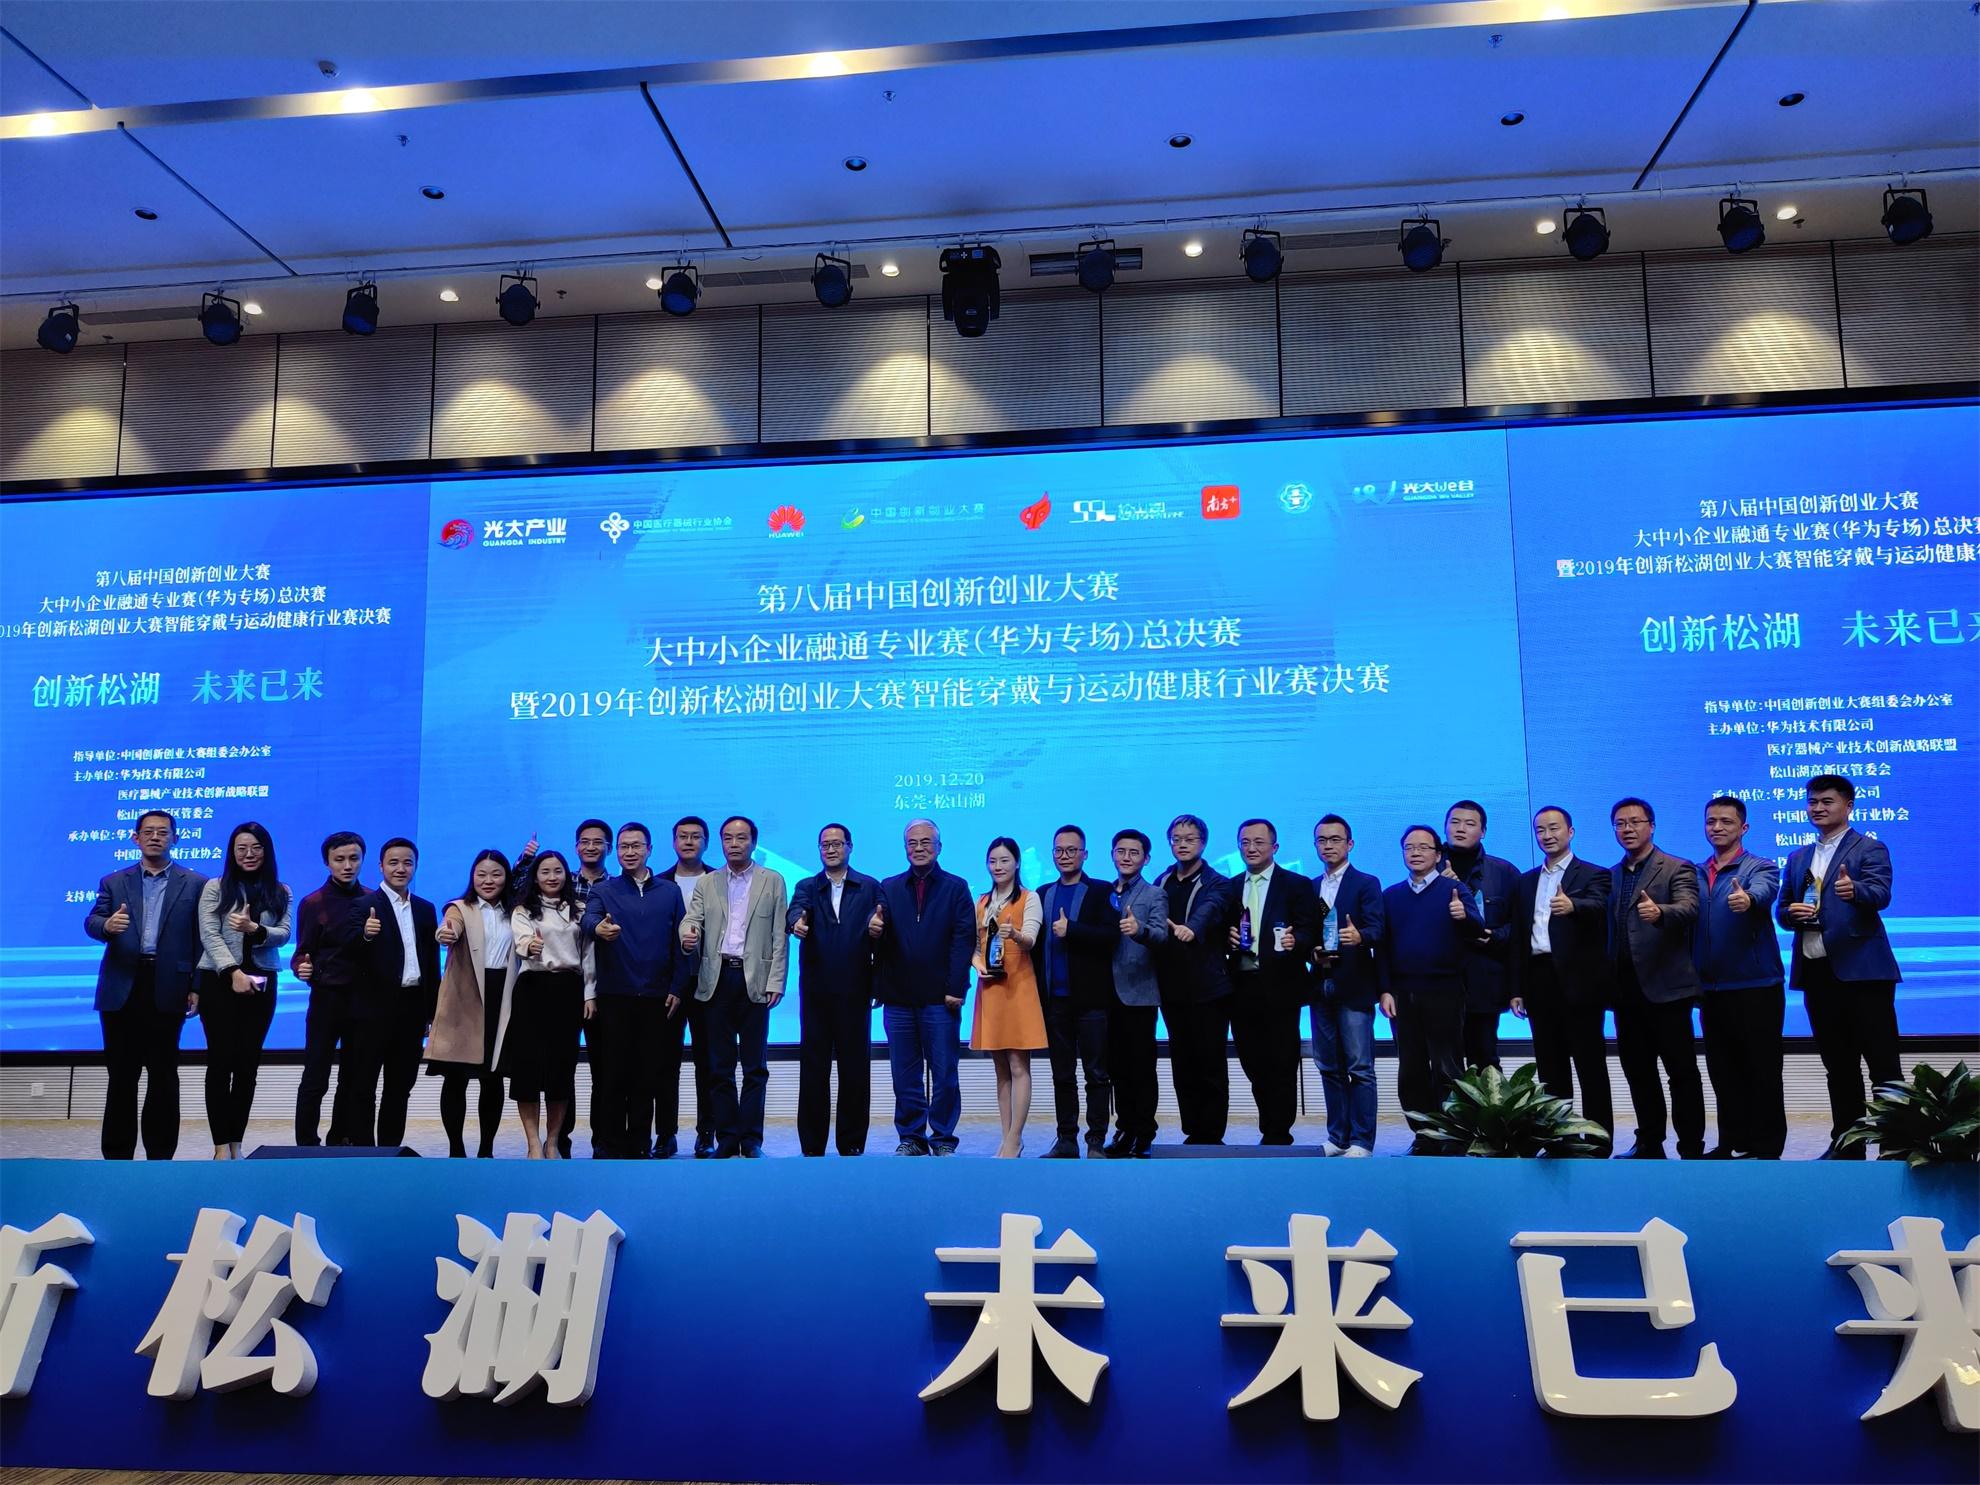 创新:从临床需求中来,到患者普惠中去—第八届中国创新创业大赛